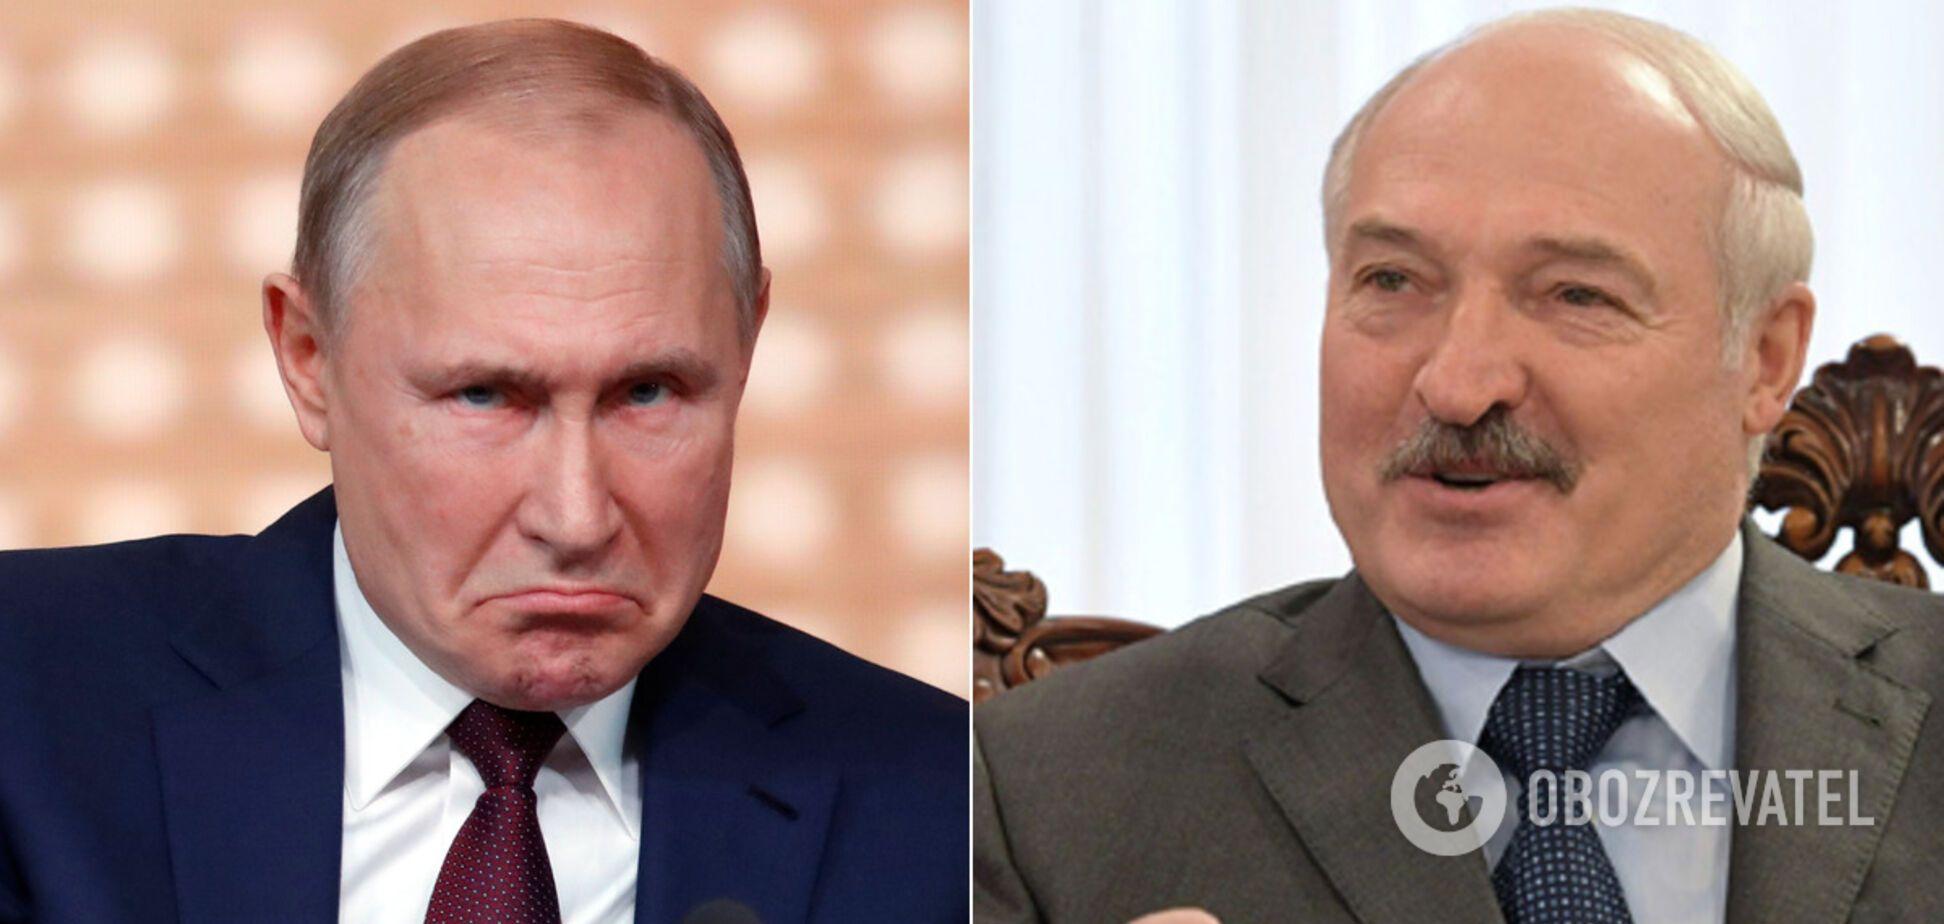 Беларусь ответила 'Газпрому' на требование вернуть долг, который не признает